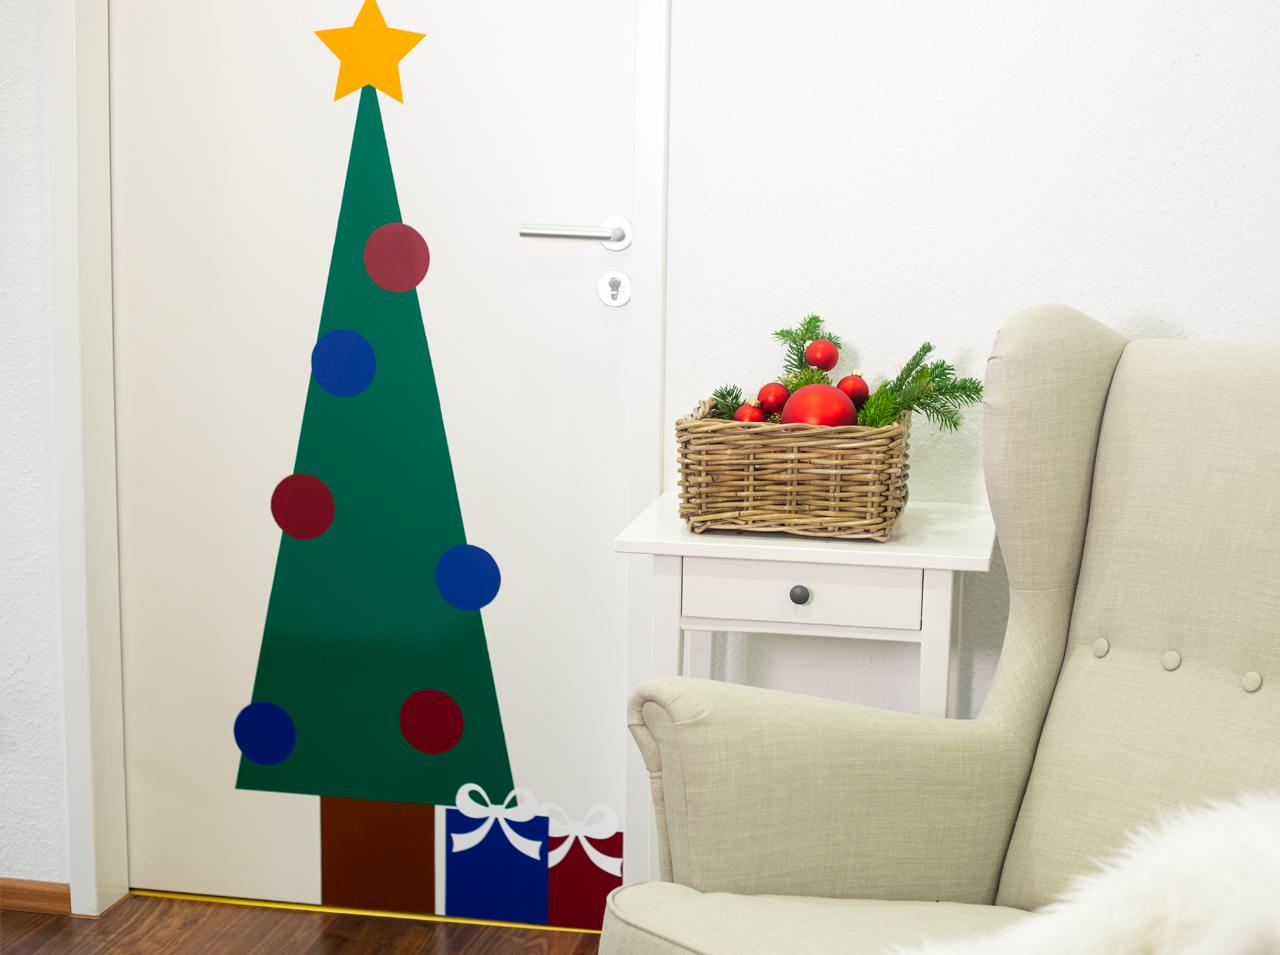 Wie Zeichne Ich Einen Tannenbaum.D C Home Wie Wäre Es Dieses Jahr Mit Einem Platzsparenden